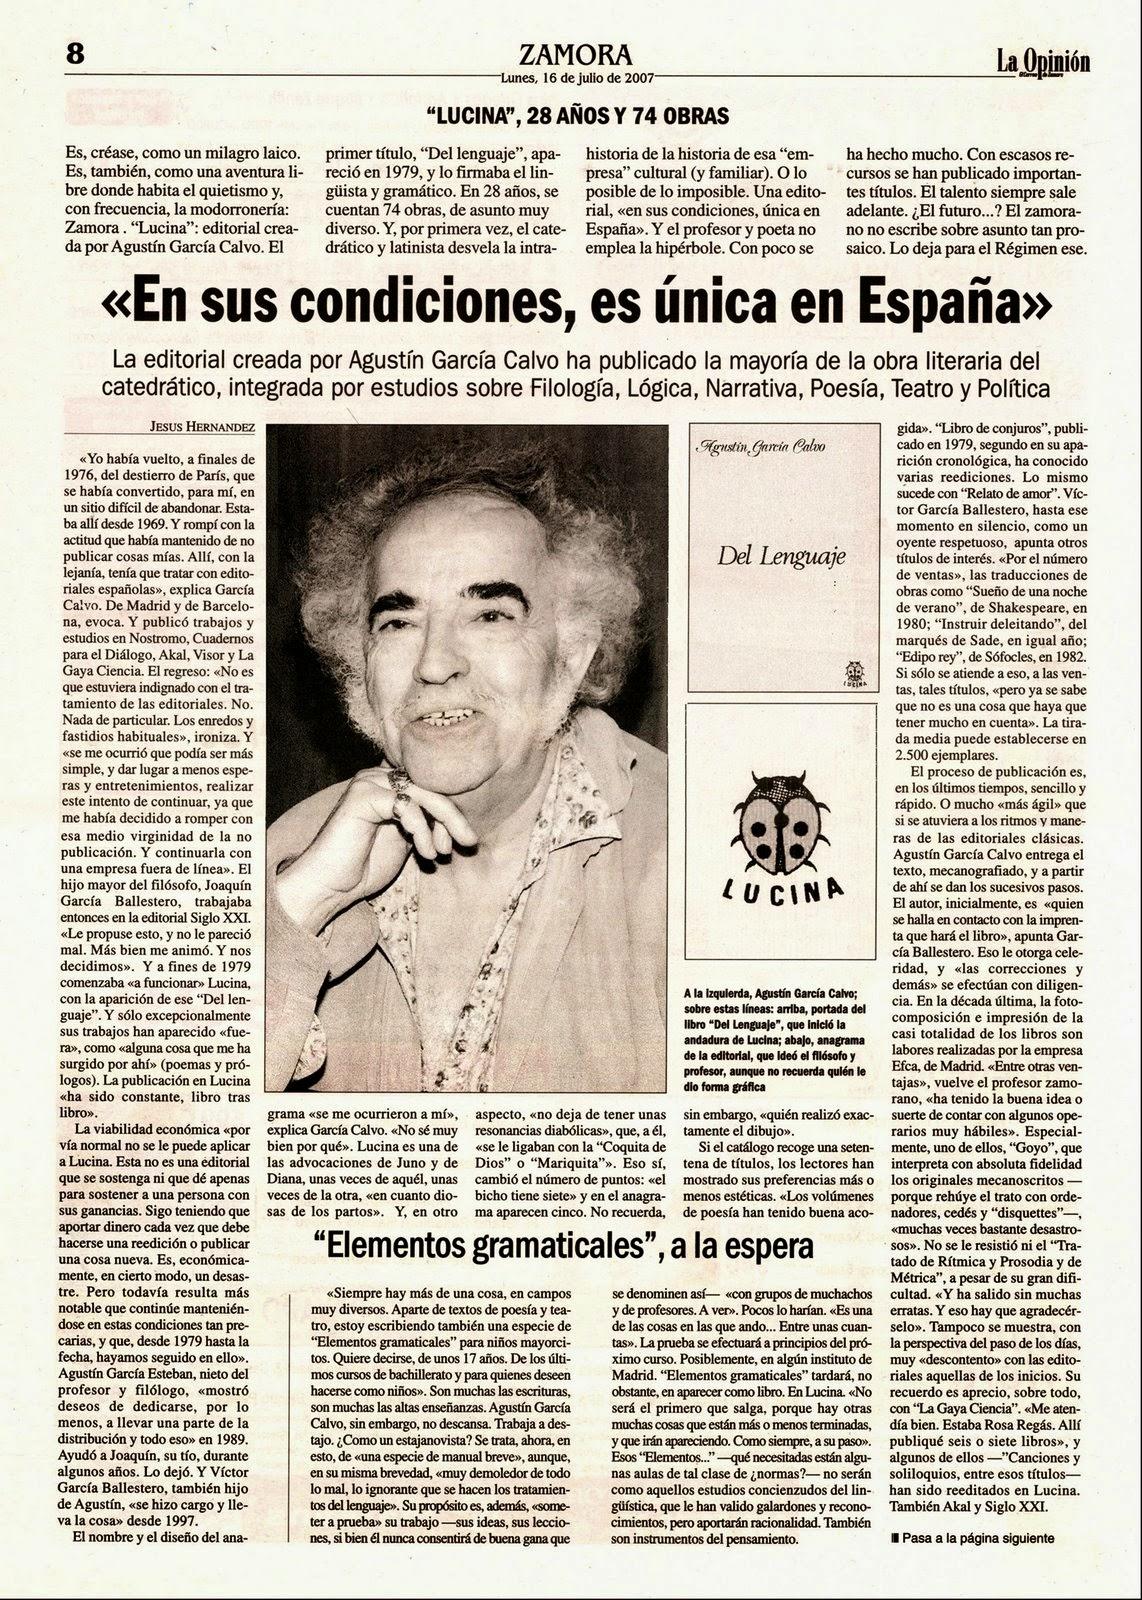 http://librosdeagustingarciacalvo.blogspot.com.es/2007/07/lucina-cumple-28-aos-y-74-libros.html